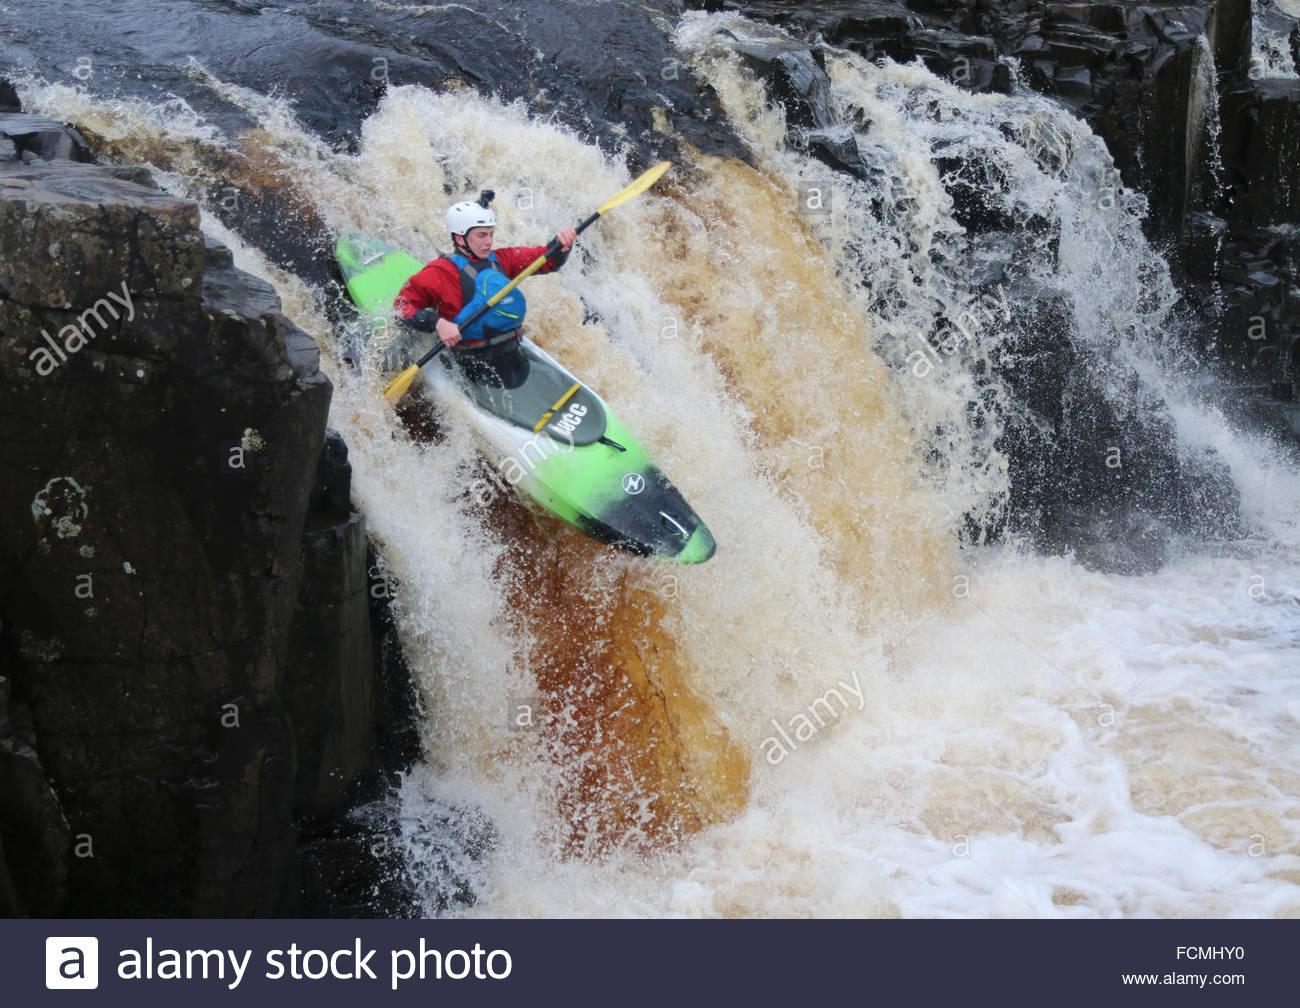 La force faible chute d'eau, fleuve Tees près de Bowlees, Middleton-in-Teesdale, Co Durham UK 23 janvier Photo Stock